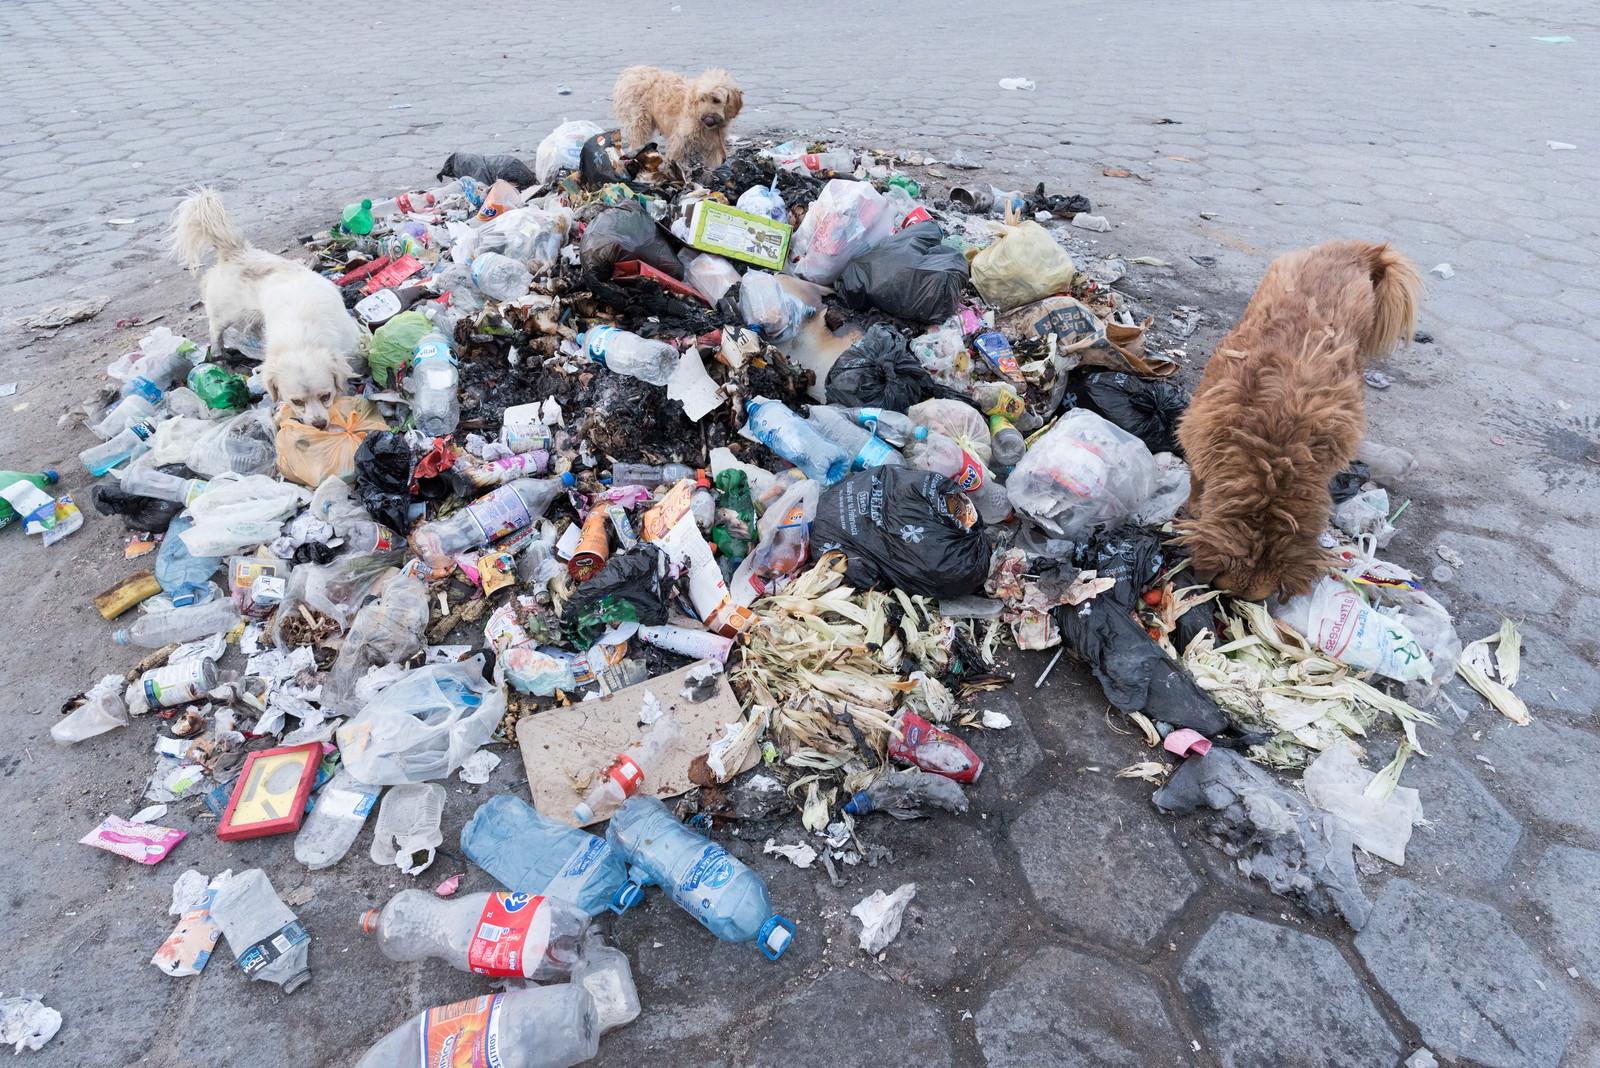 「ゴミに群がる野良犬」の写真